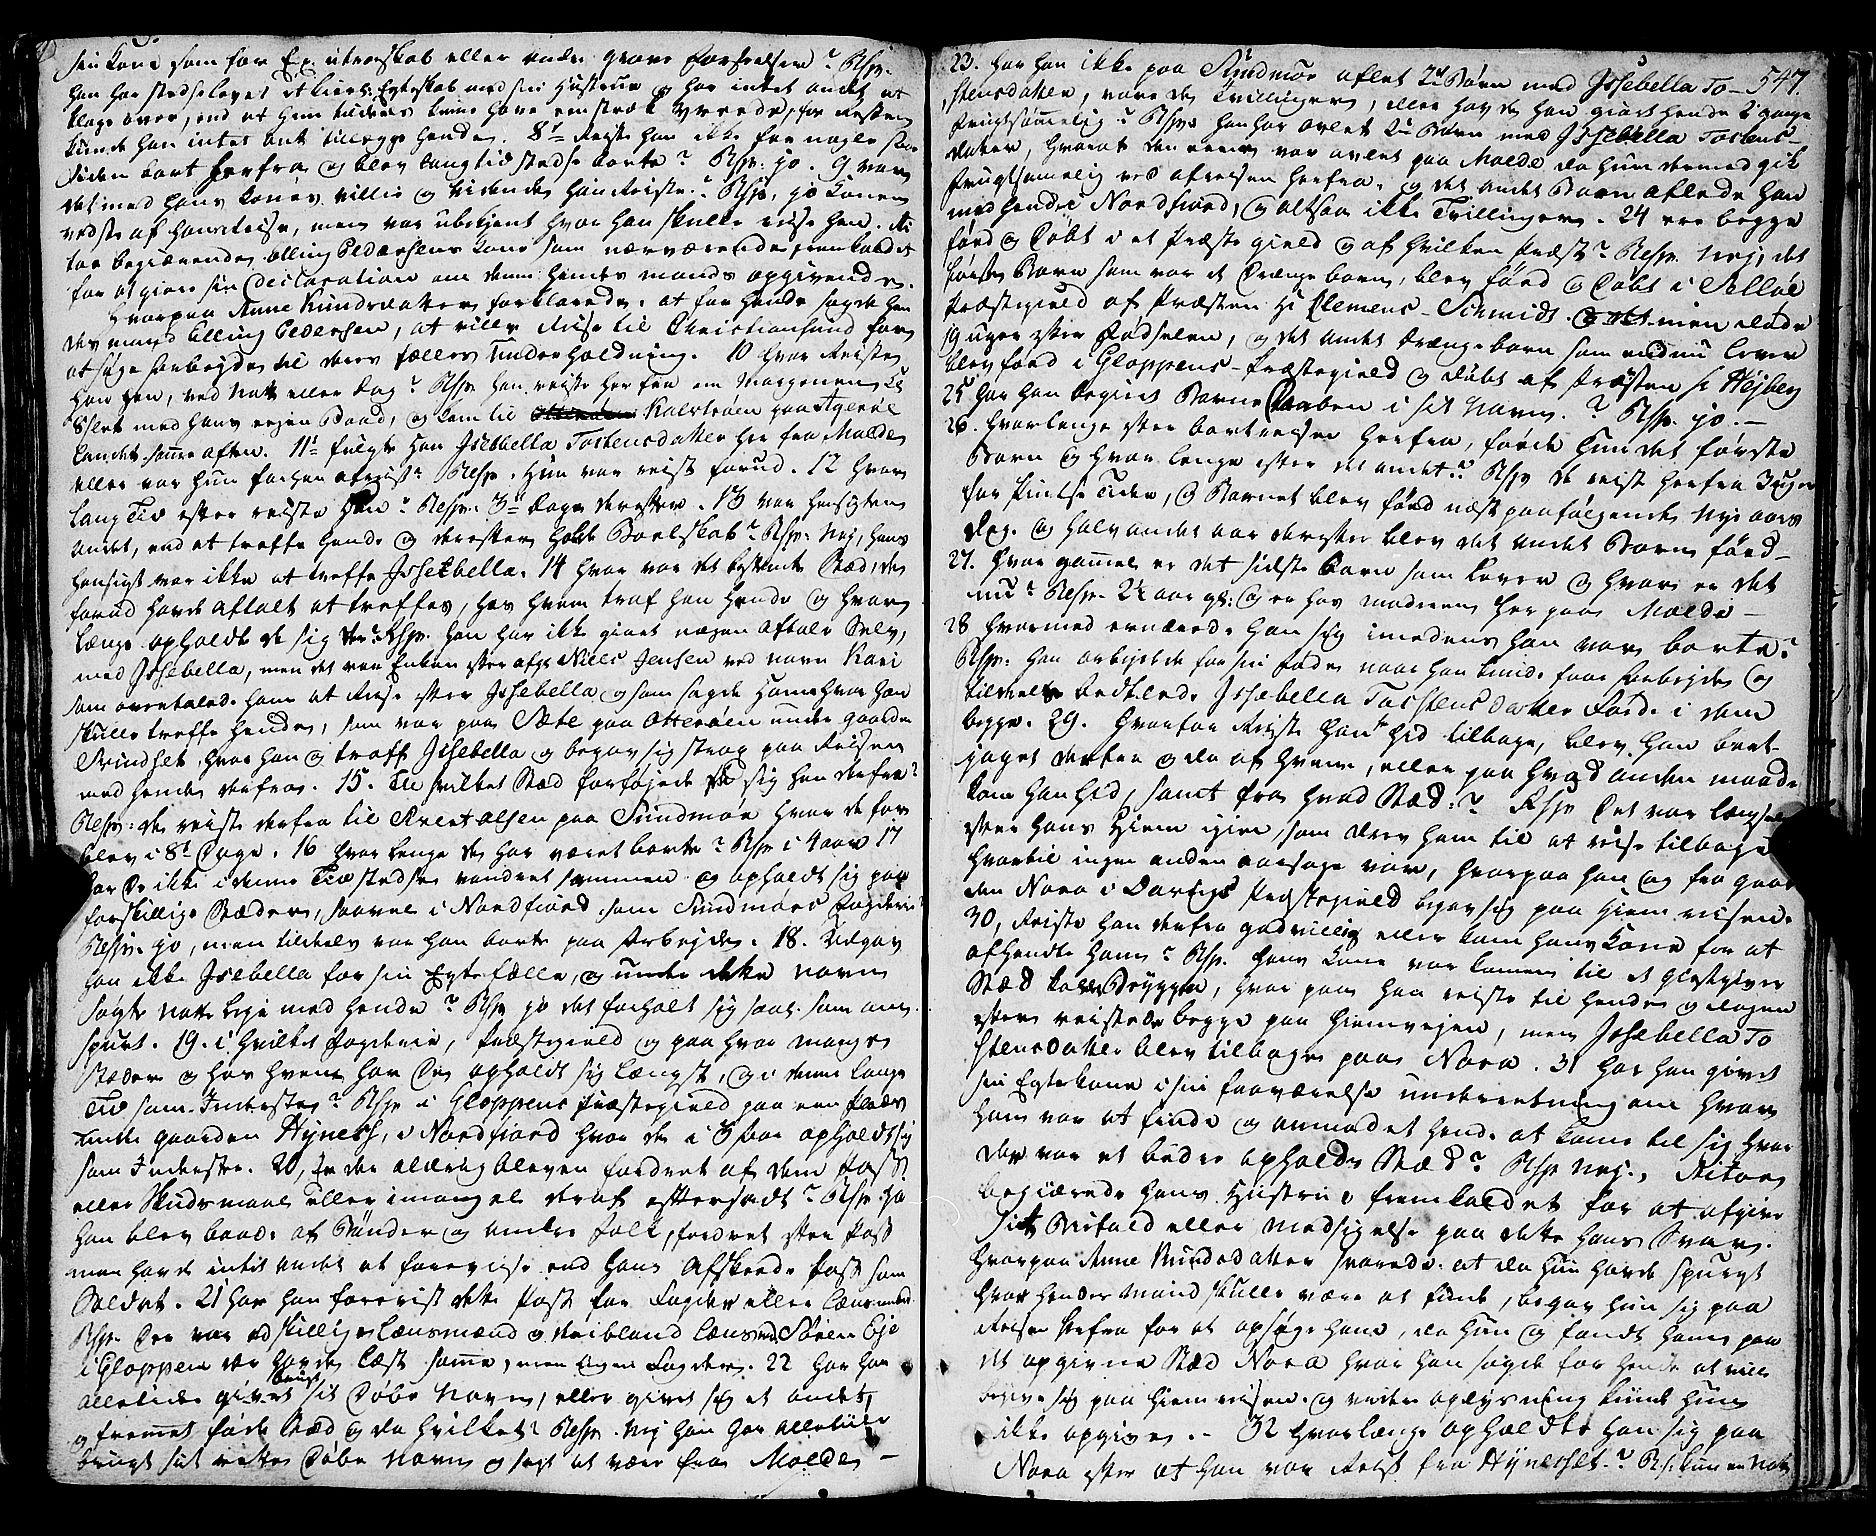 SAT, Molde byfogd, 1/1A/L0001: Justisprotokoll, 1764-1796, s. 548